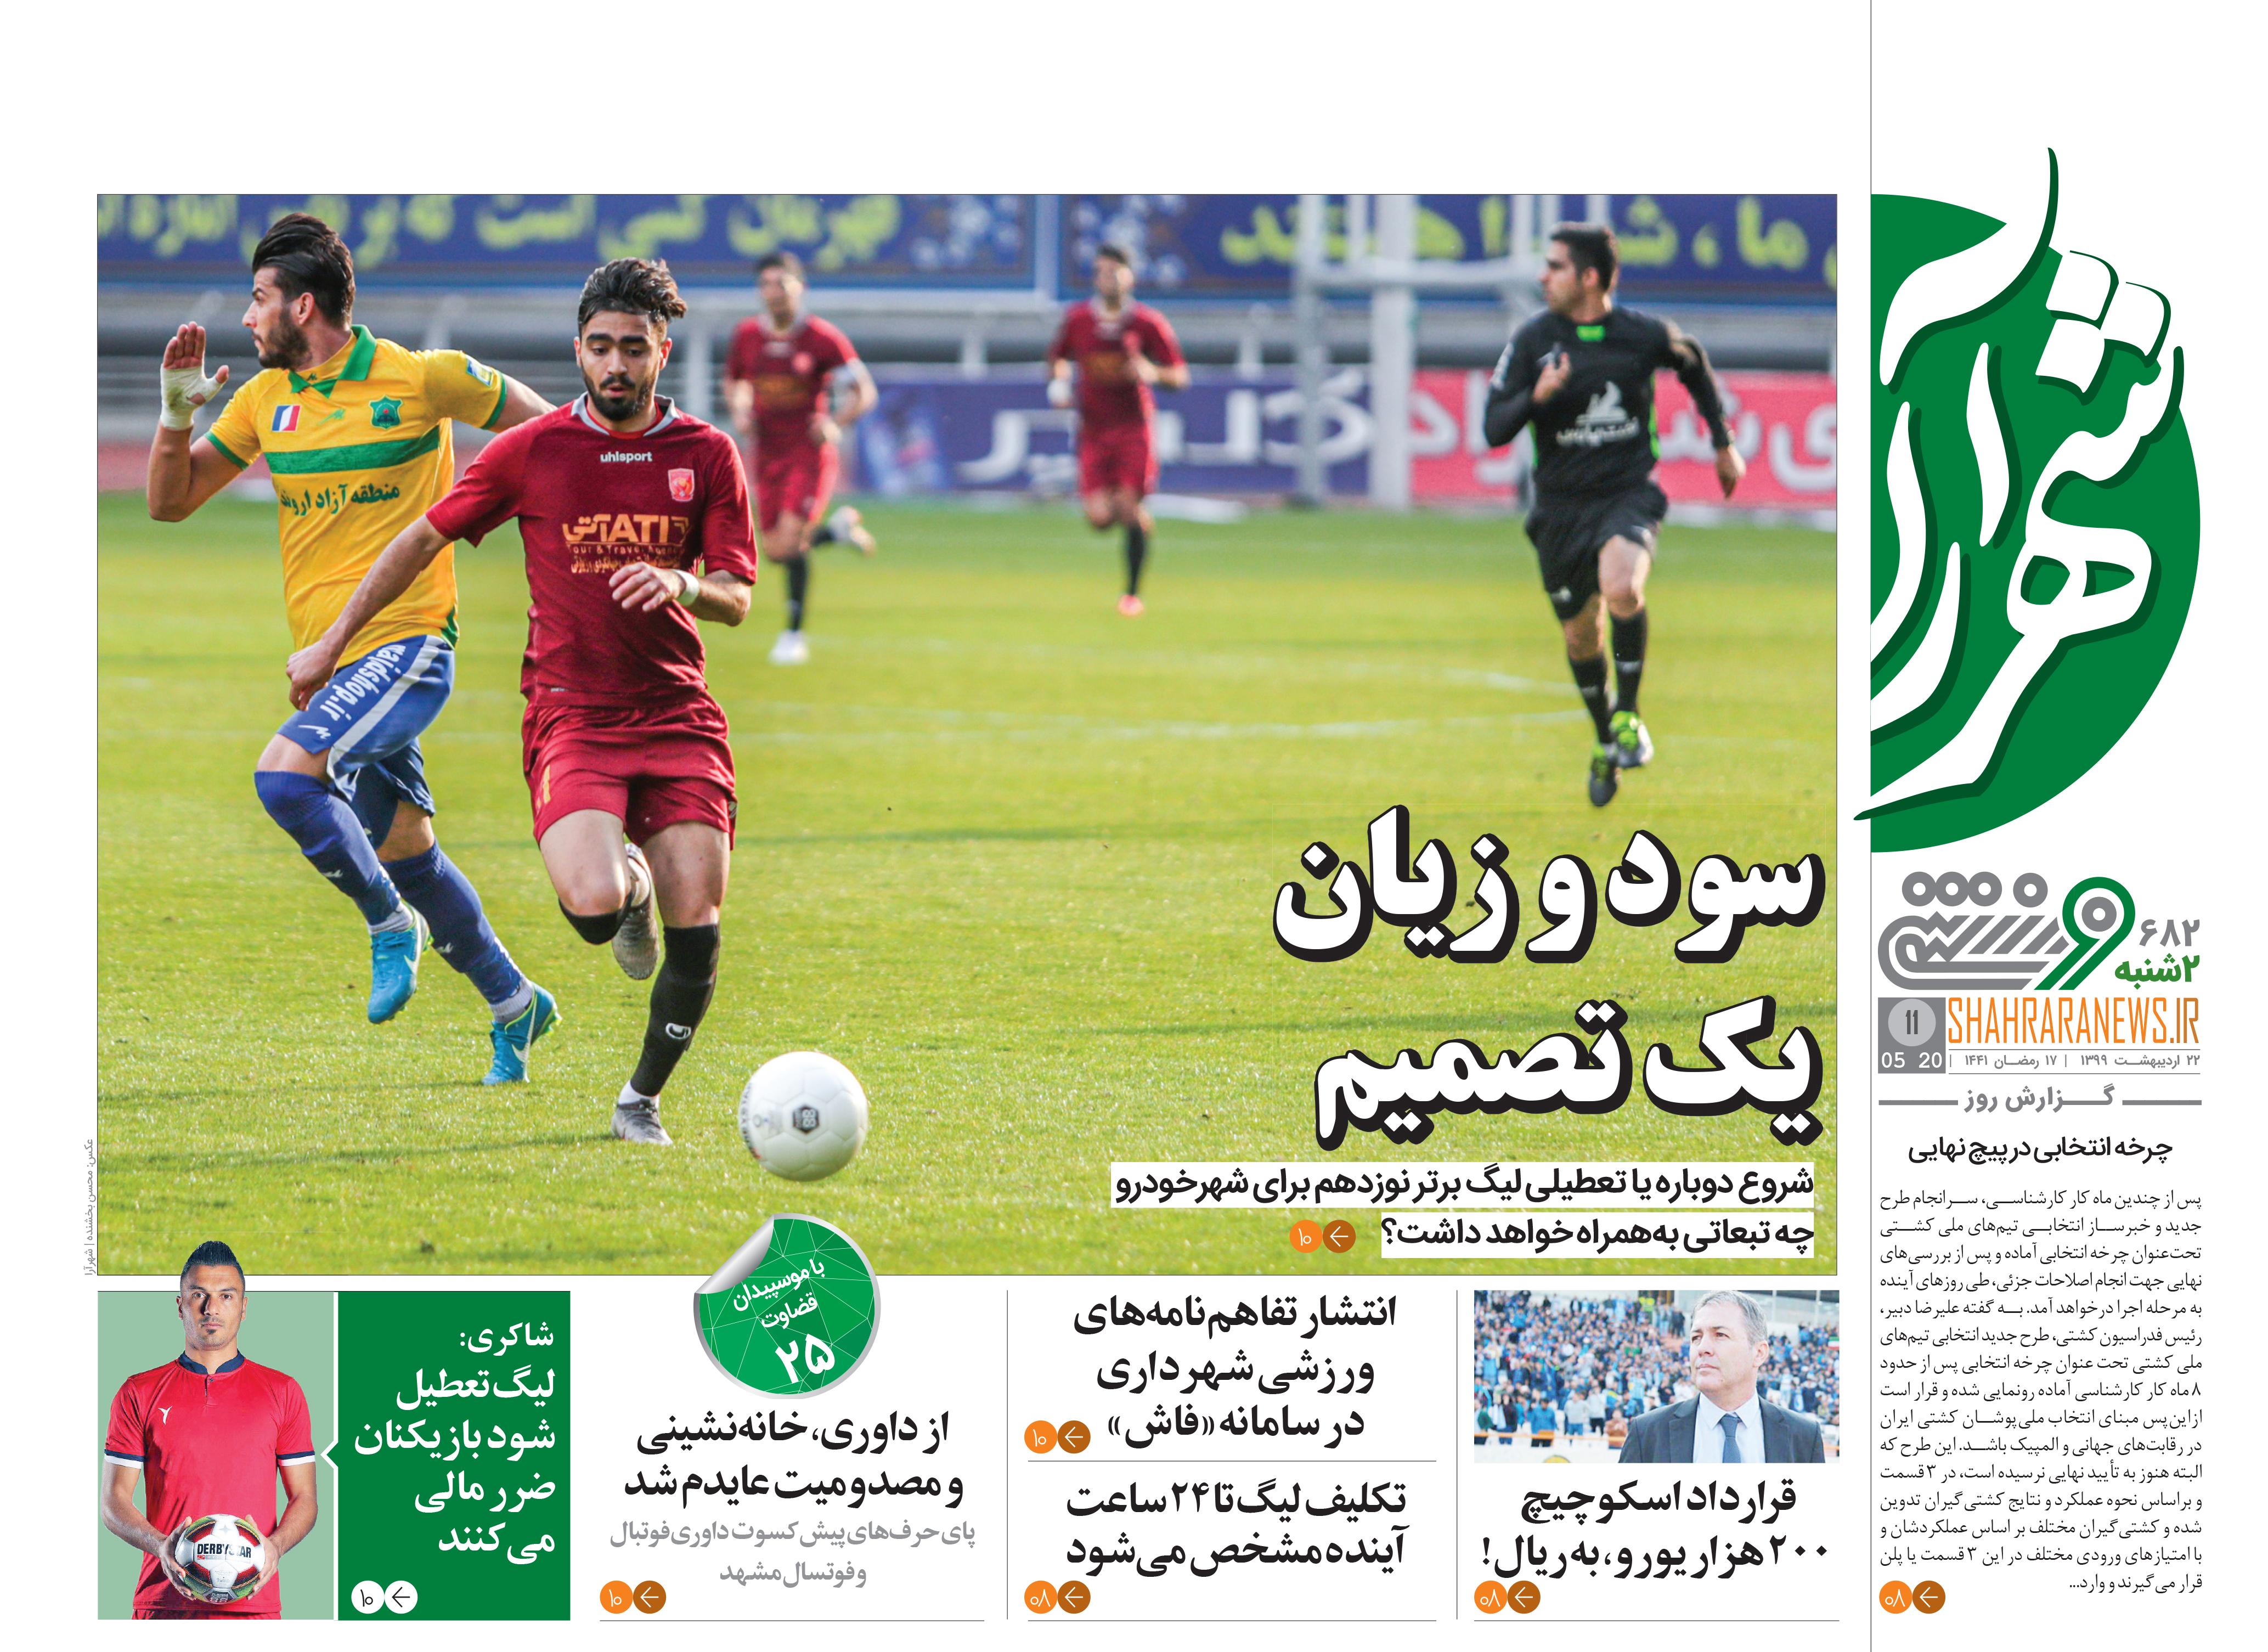 روزنامه شهرآرا